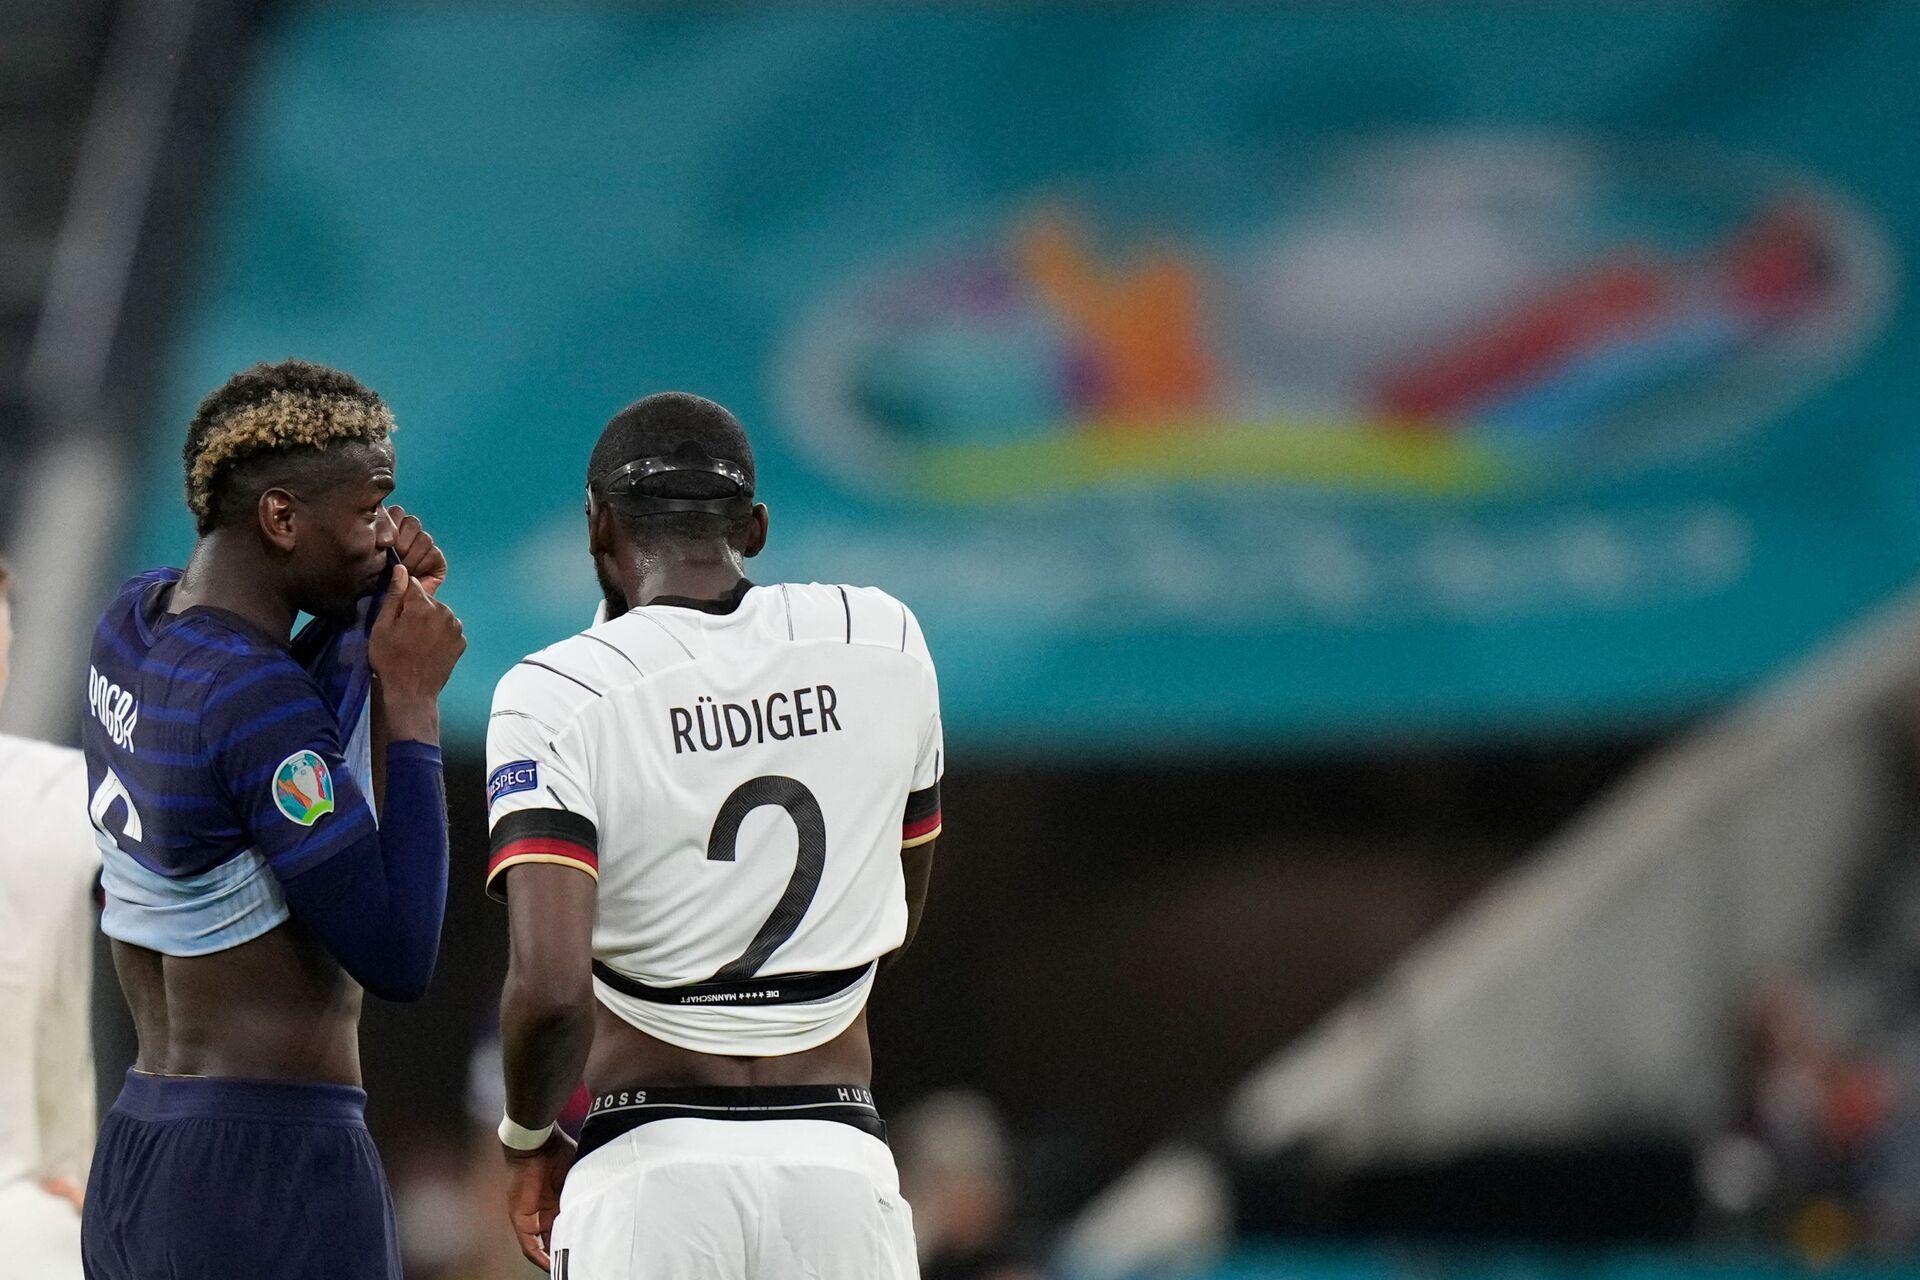 Rudiger lấy làm tiếc về sự cố của Pogba tại UEFA EURO 2020 - Sputnik Việt Nam, 1920, 17.06.2021